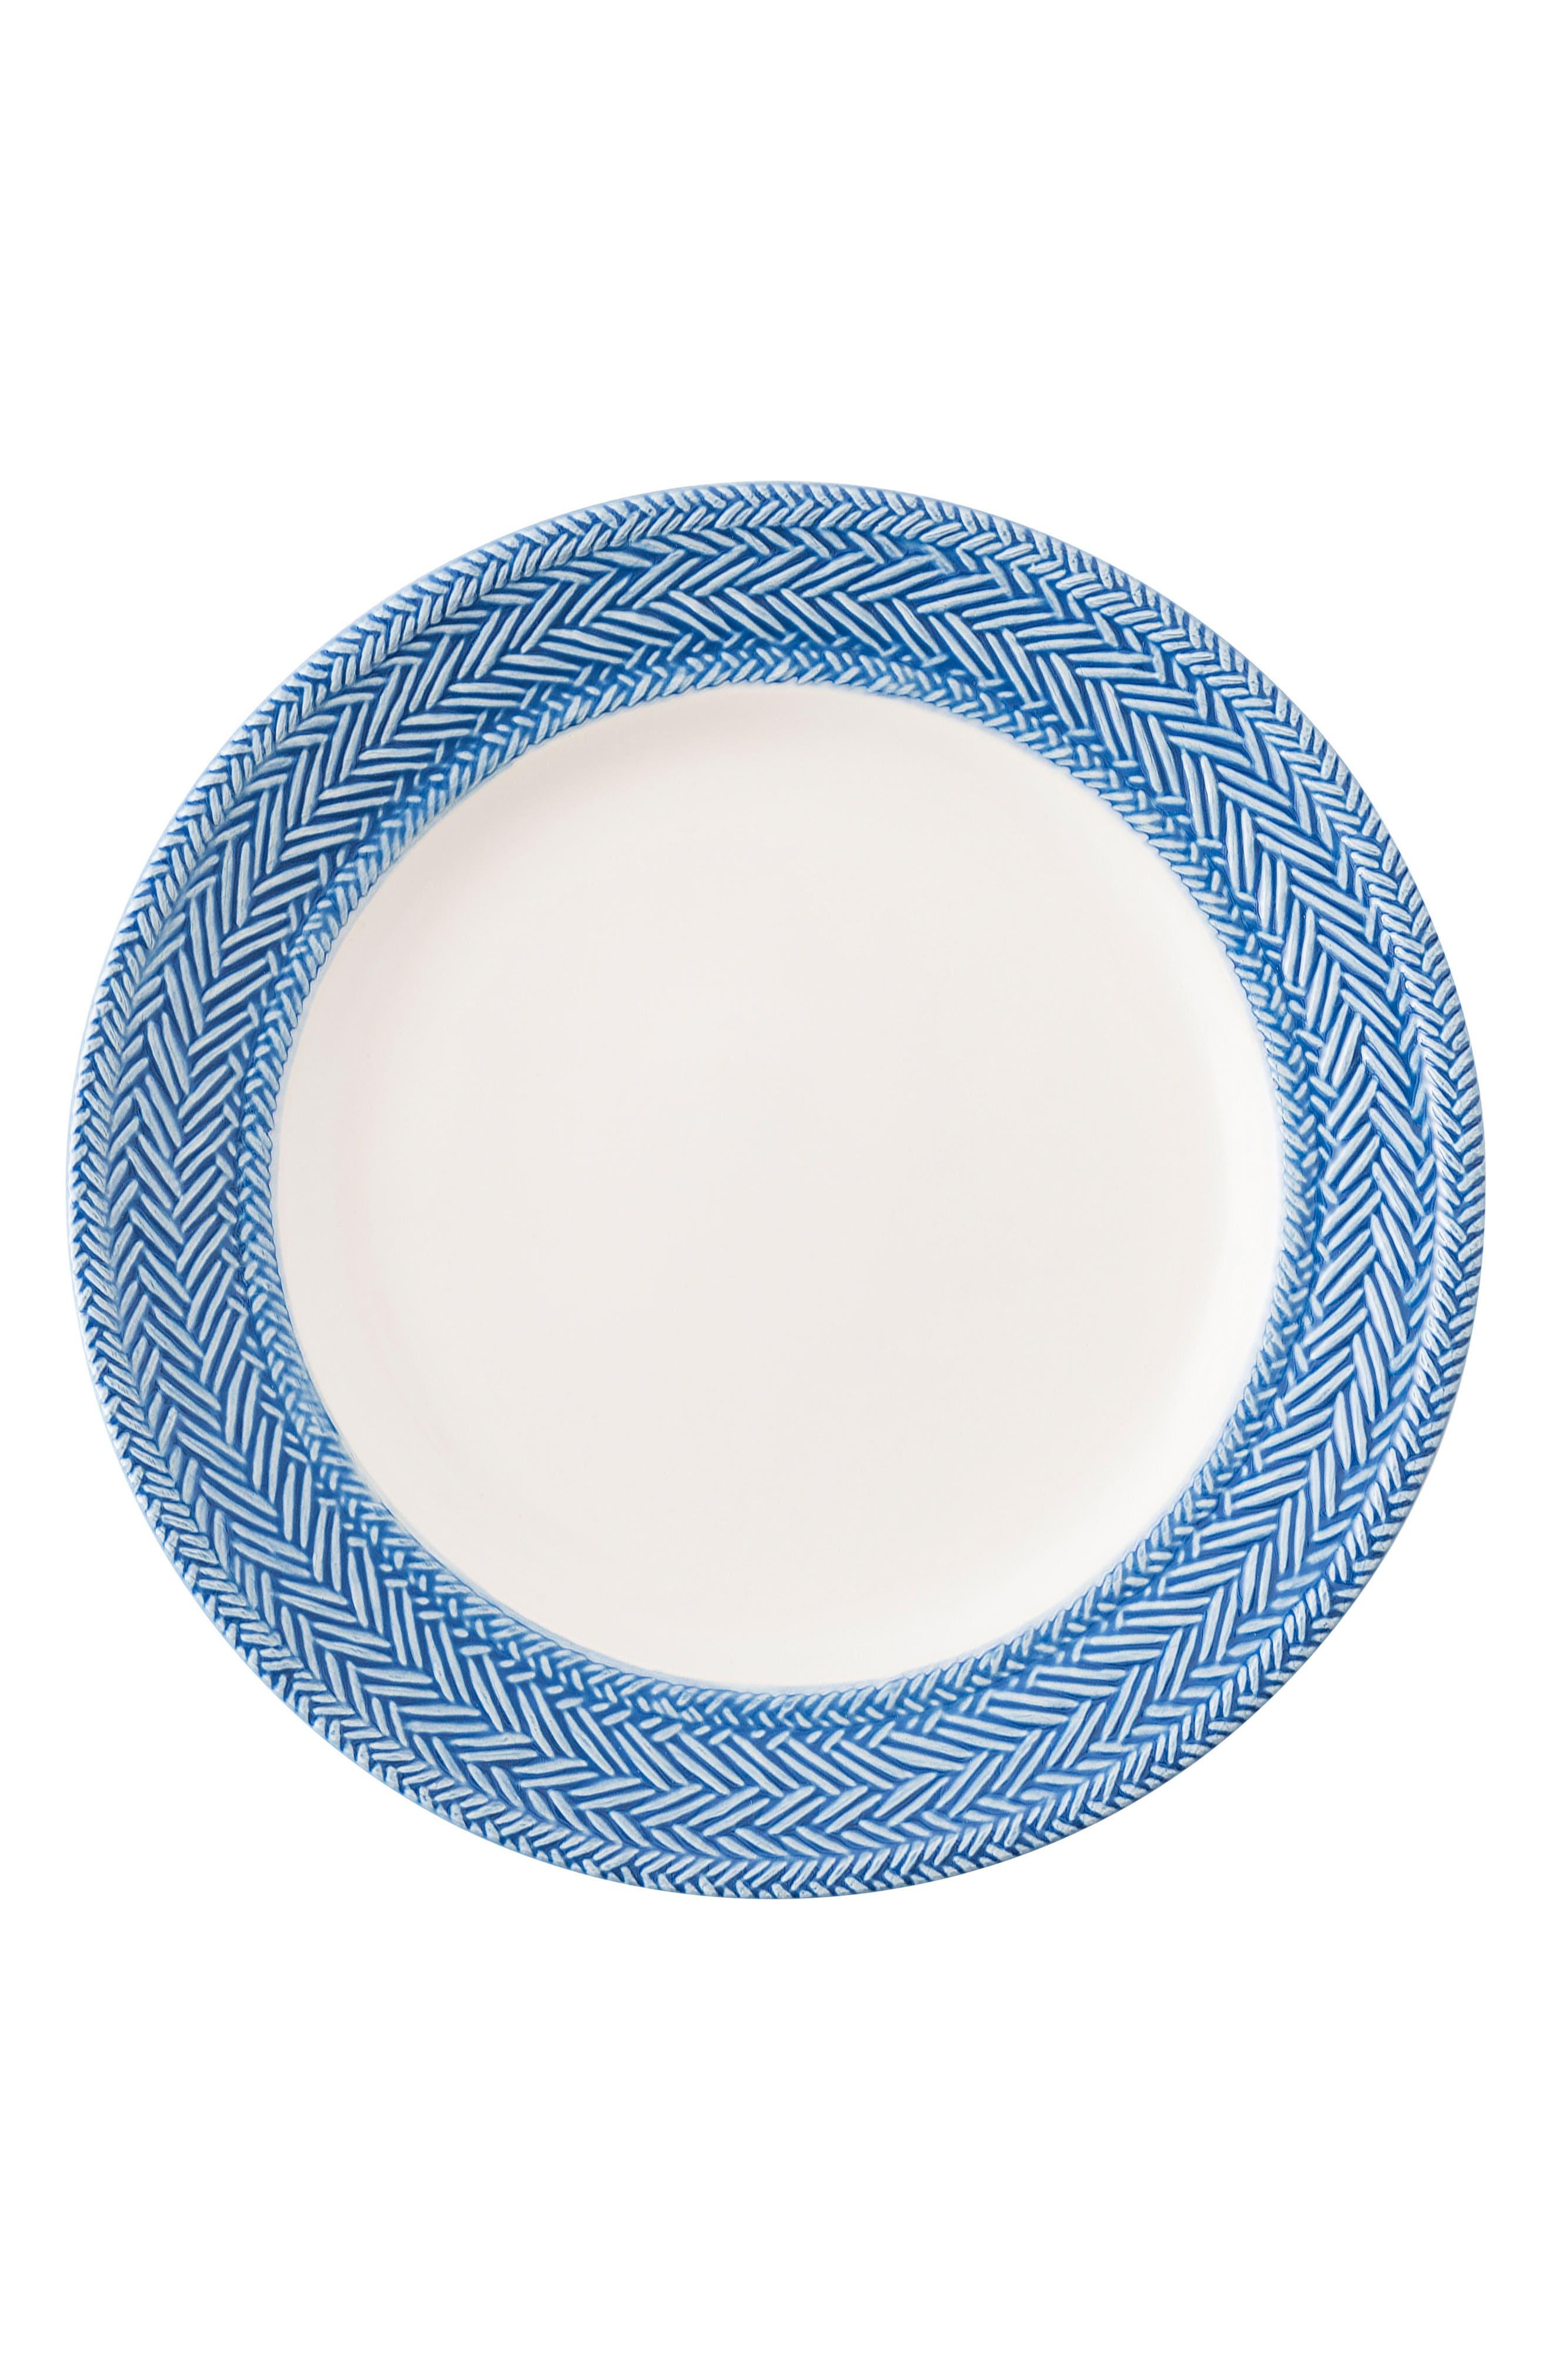 Le Panier Salad Plate,                         Main,                         color, Whitewash/ Delft Blue